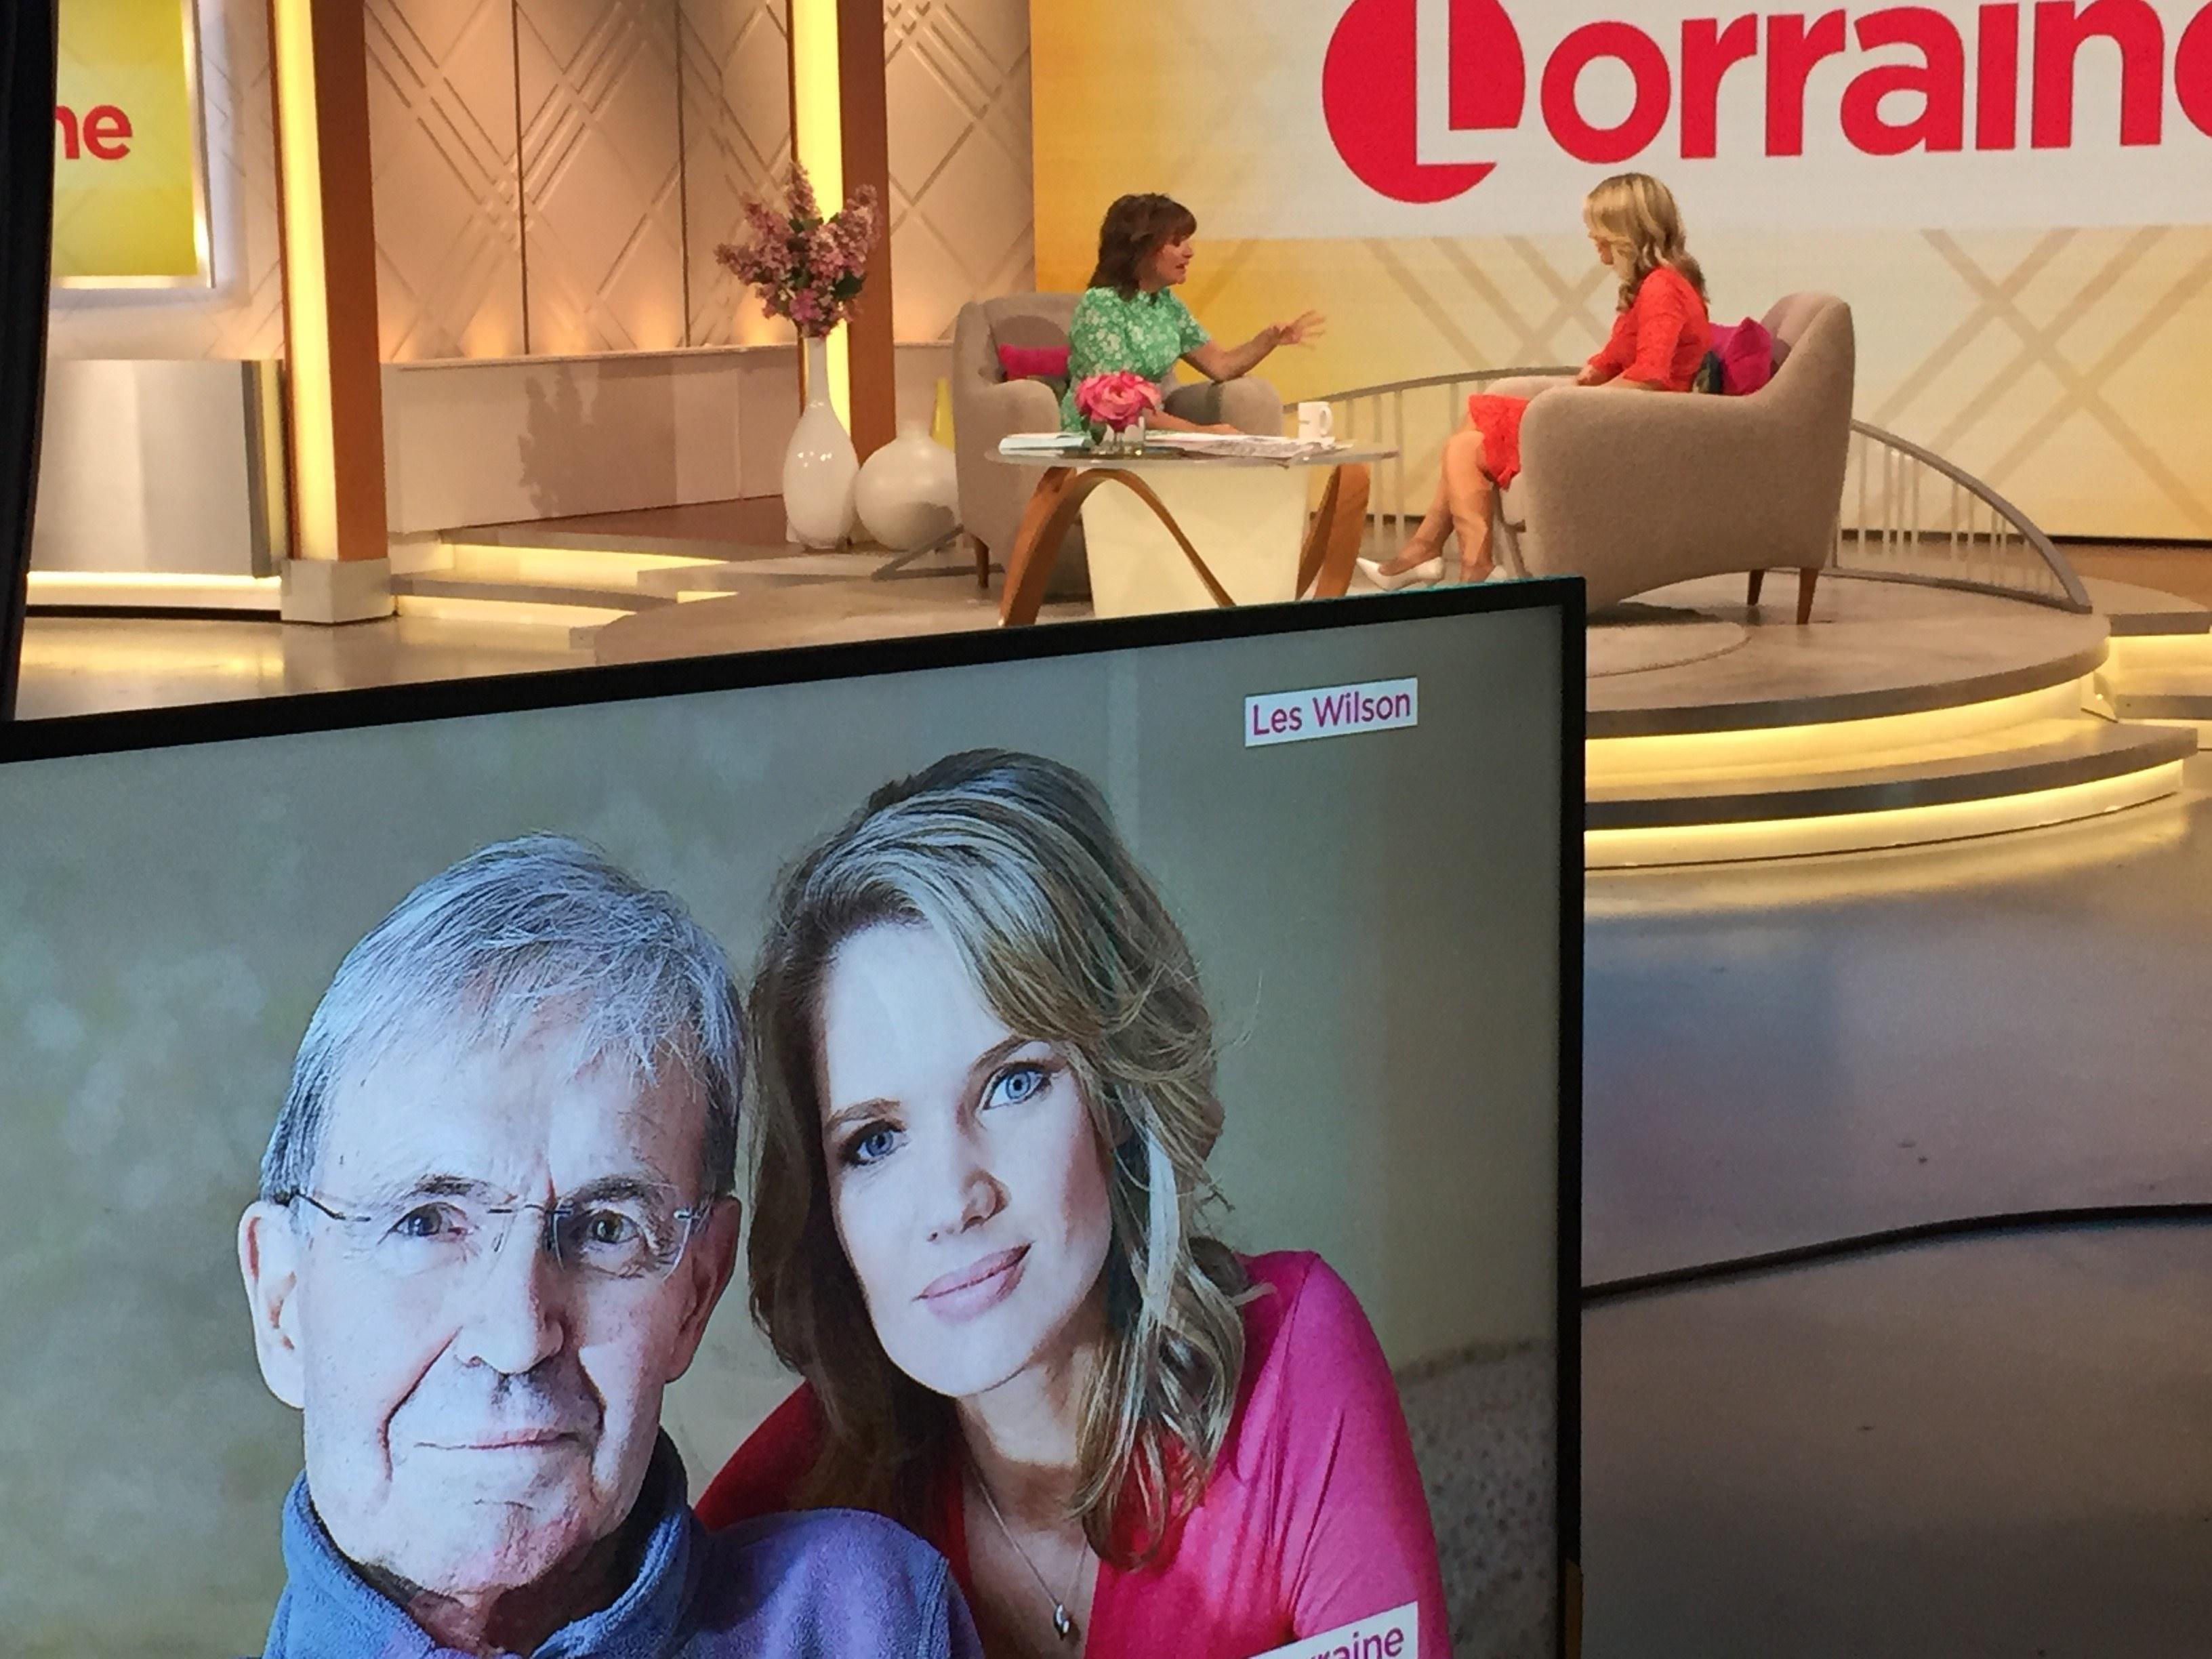 Lorraine-MND.jpg#asset:534